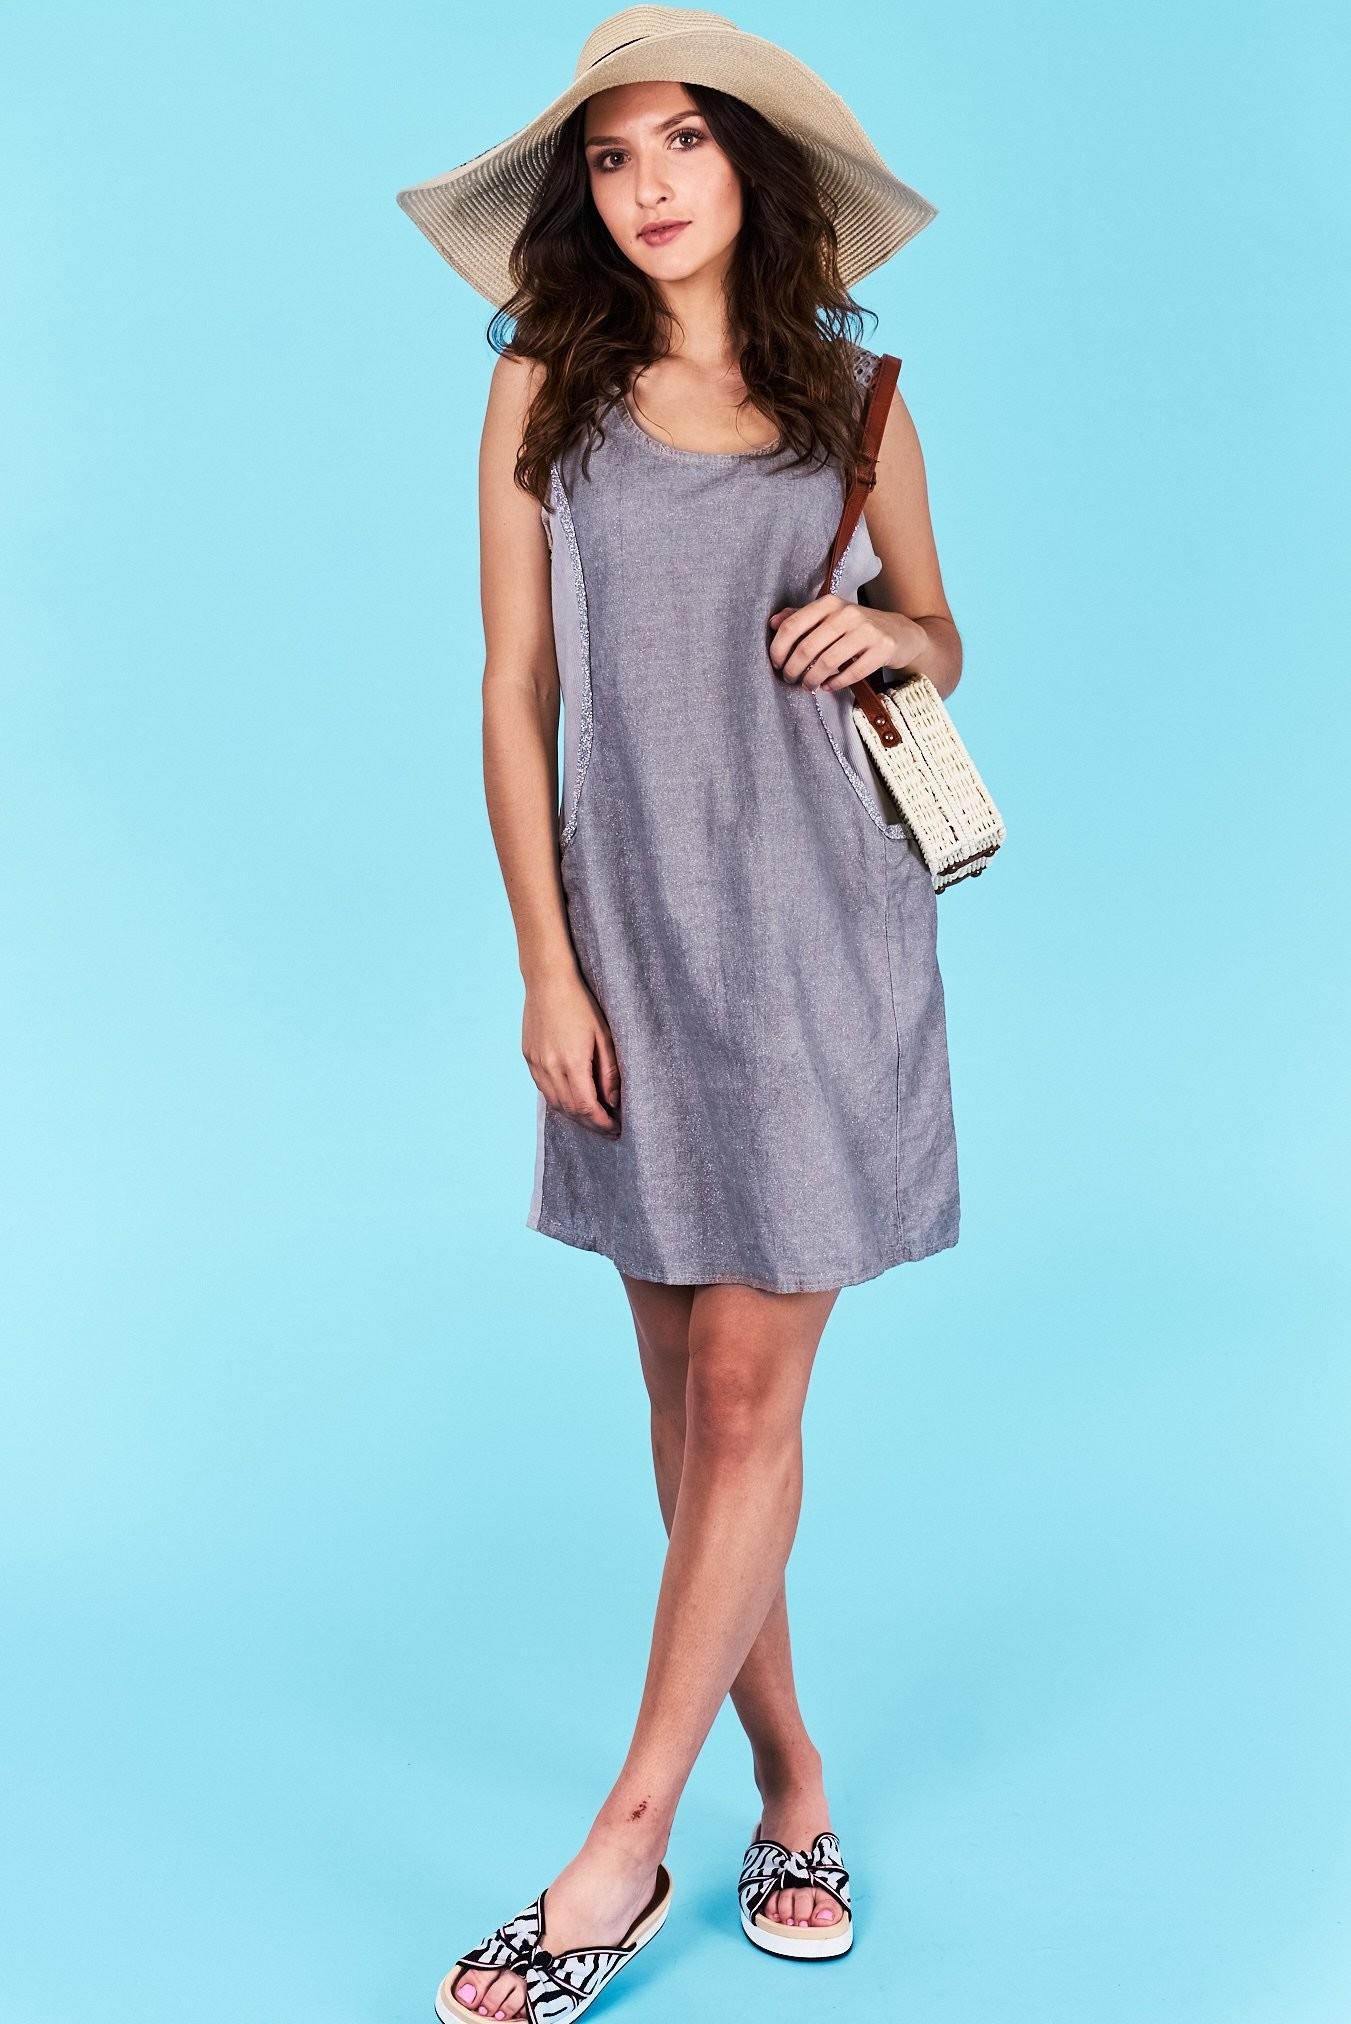 8a23bcc0a680 Dámske letné šaty šedé Khloe